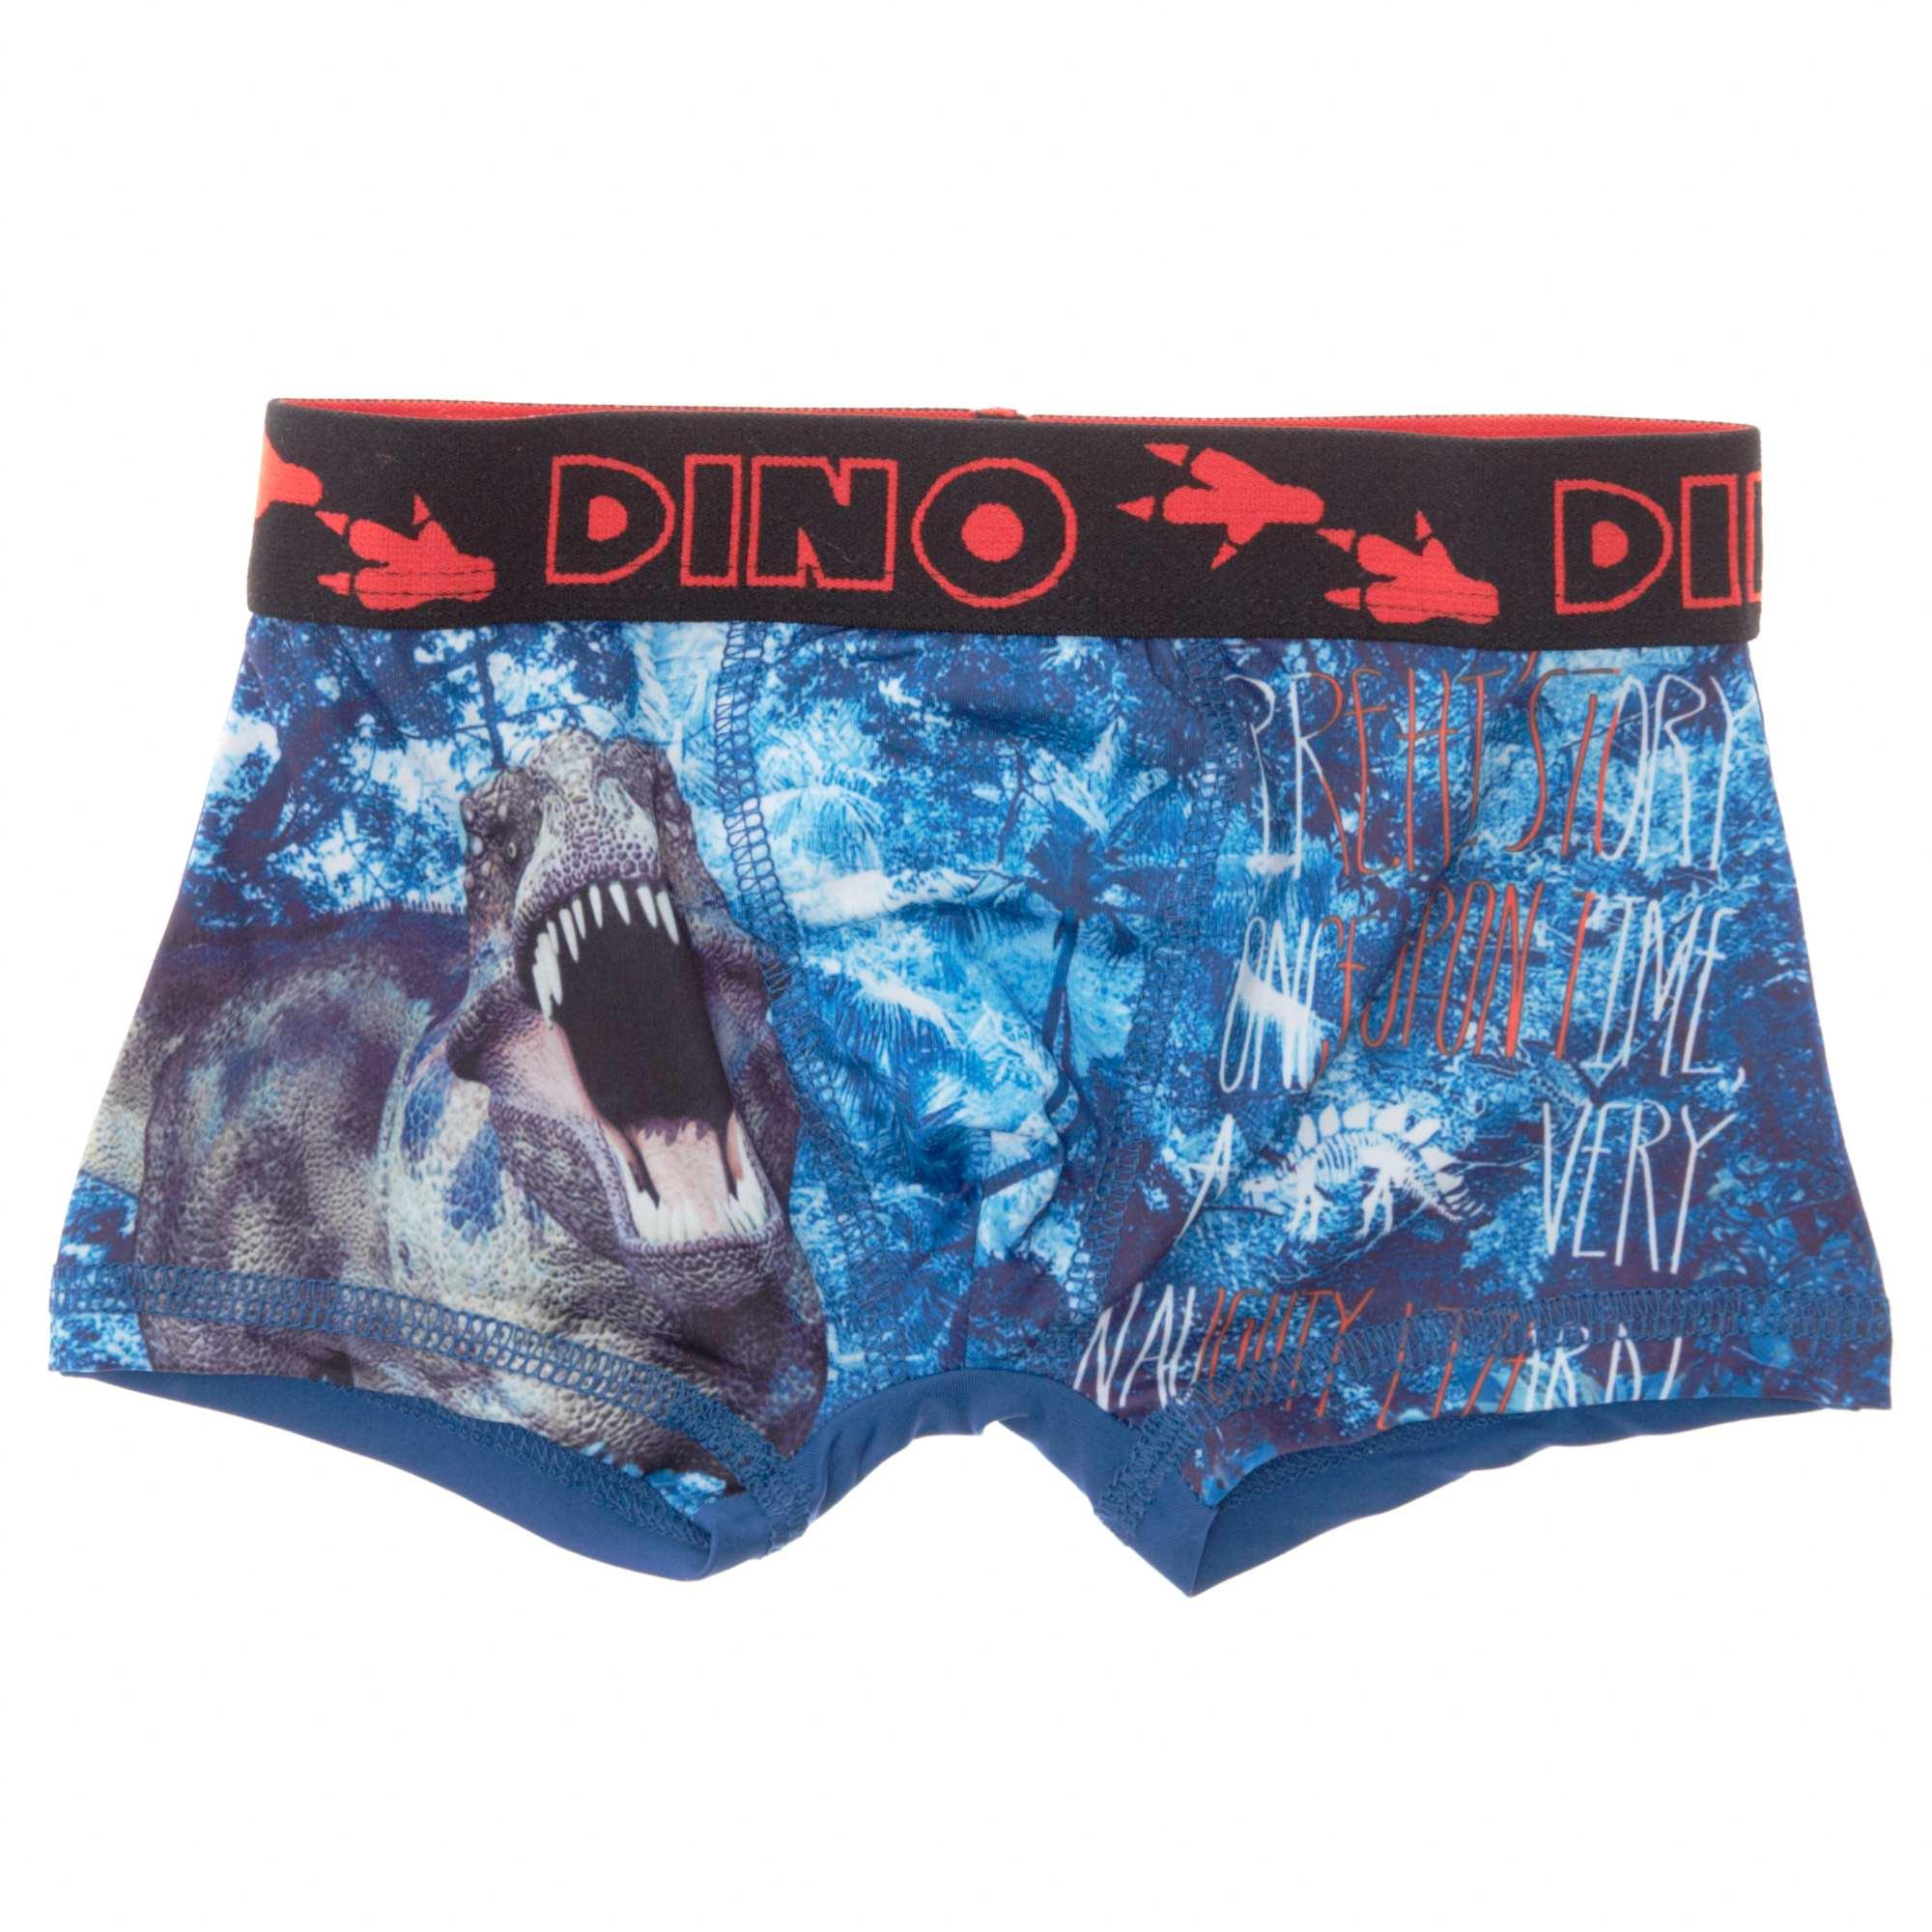 Boxer con estampado de dinosaurio chico kiabi 4 00 for Ropa interior chico